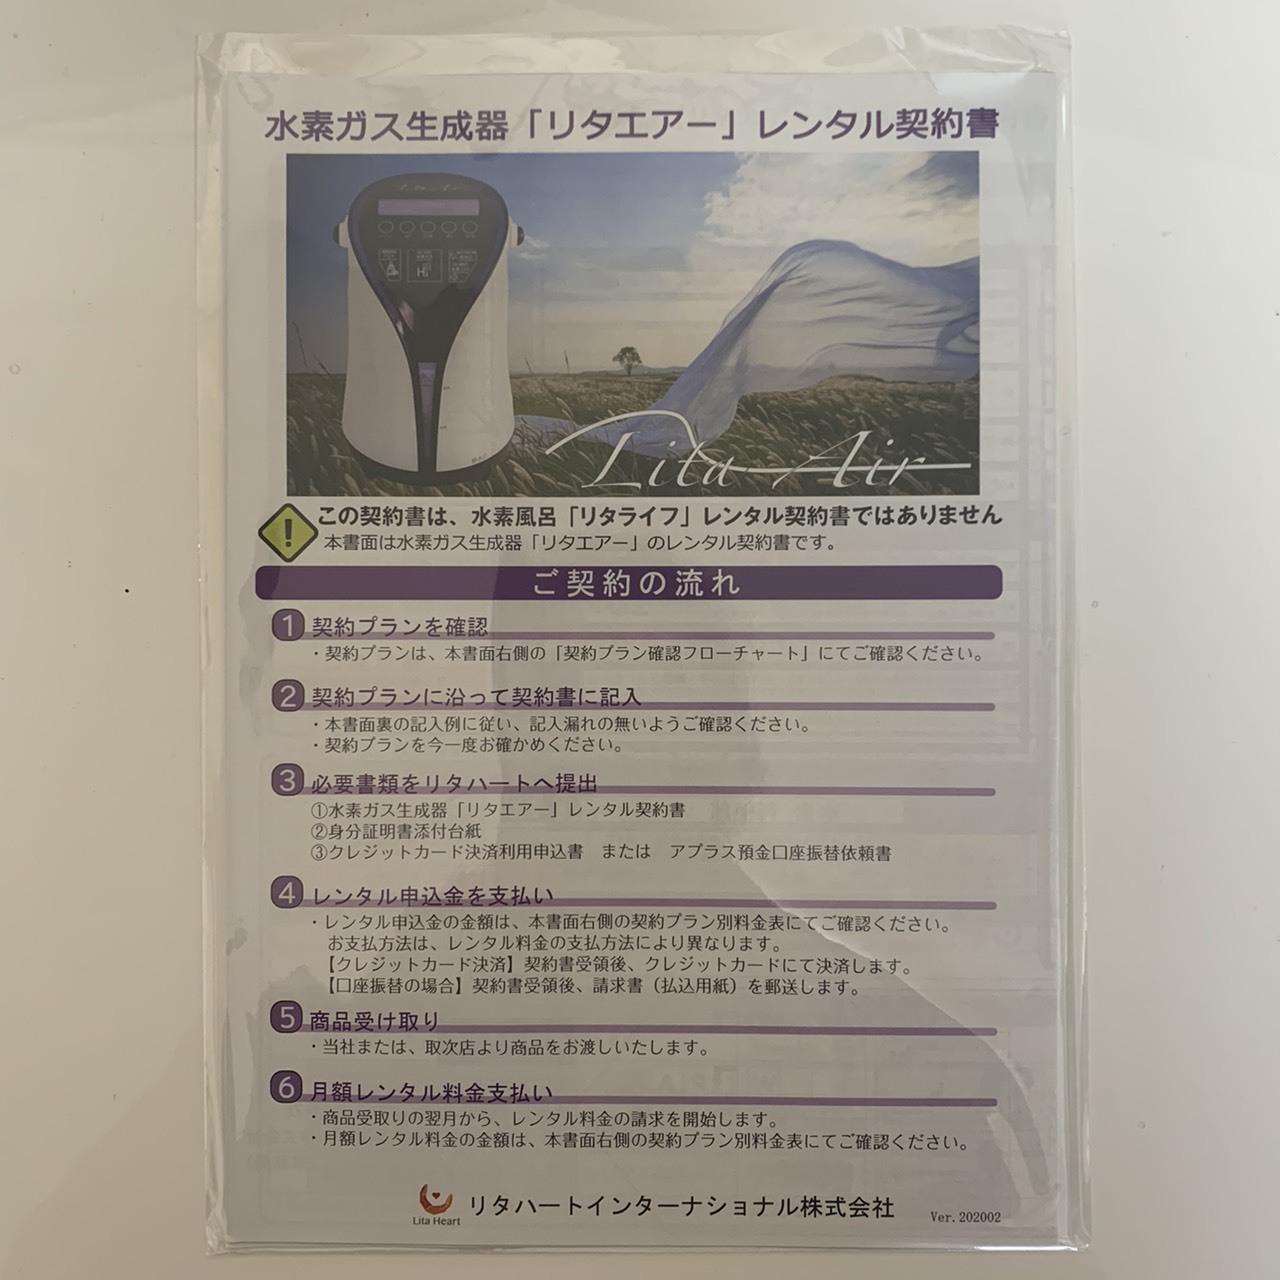 【事業者向け】リタエアーの紙の契約書10部送料無料でかなりお得!